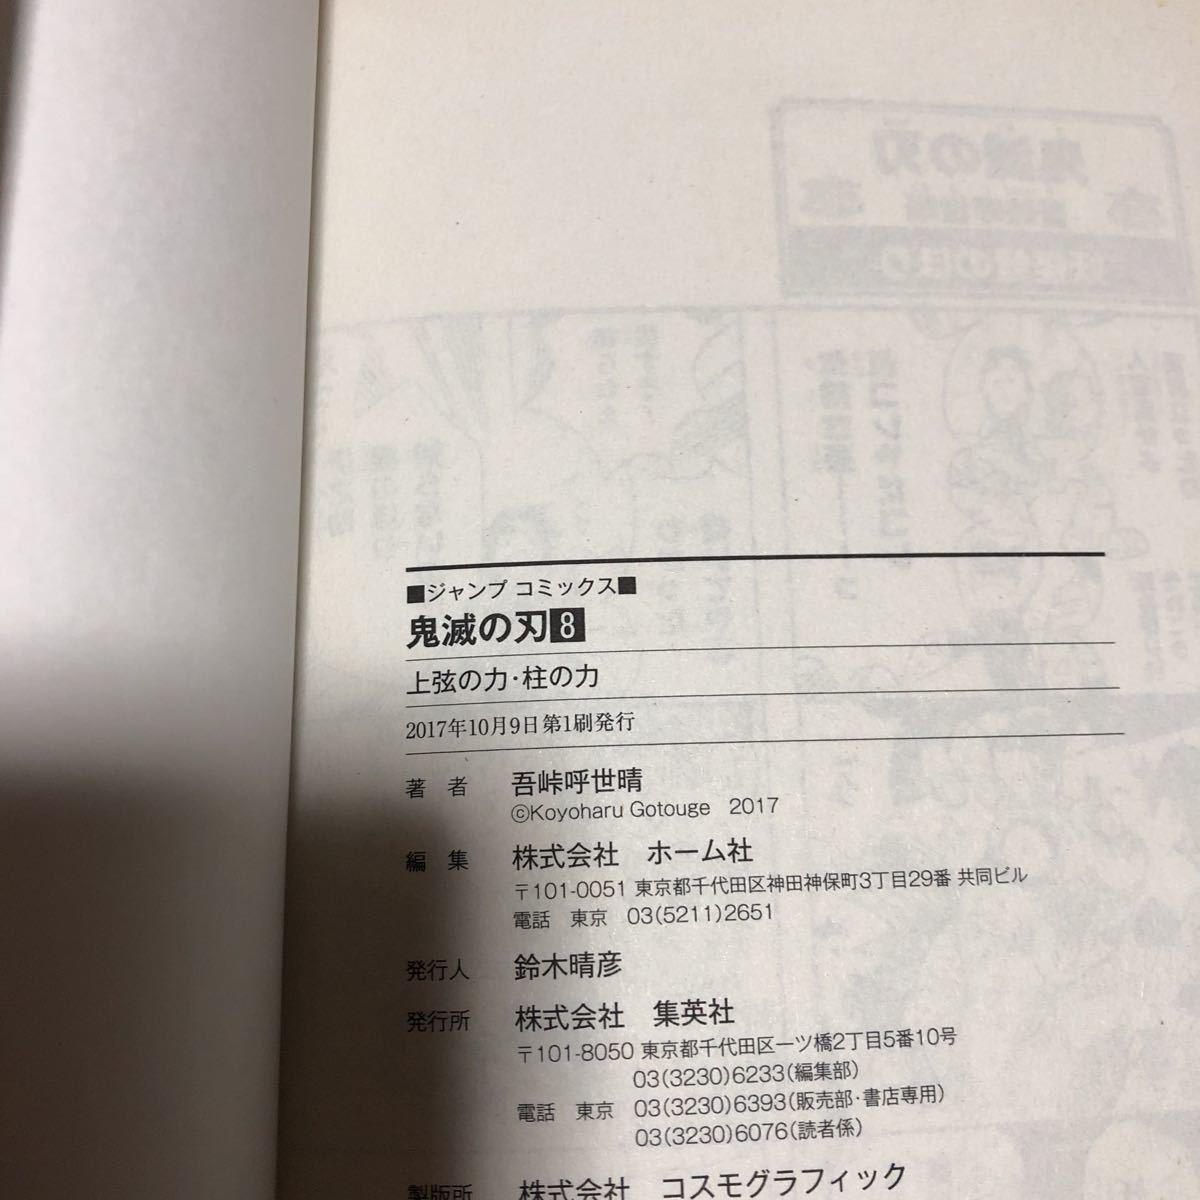 鬼滅の刃 初版 7 8 セット 送料無料